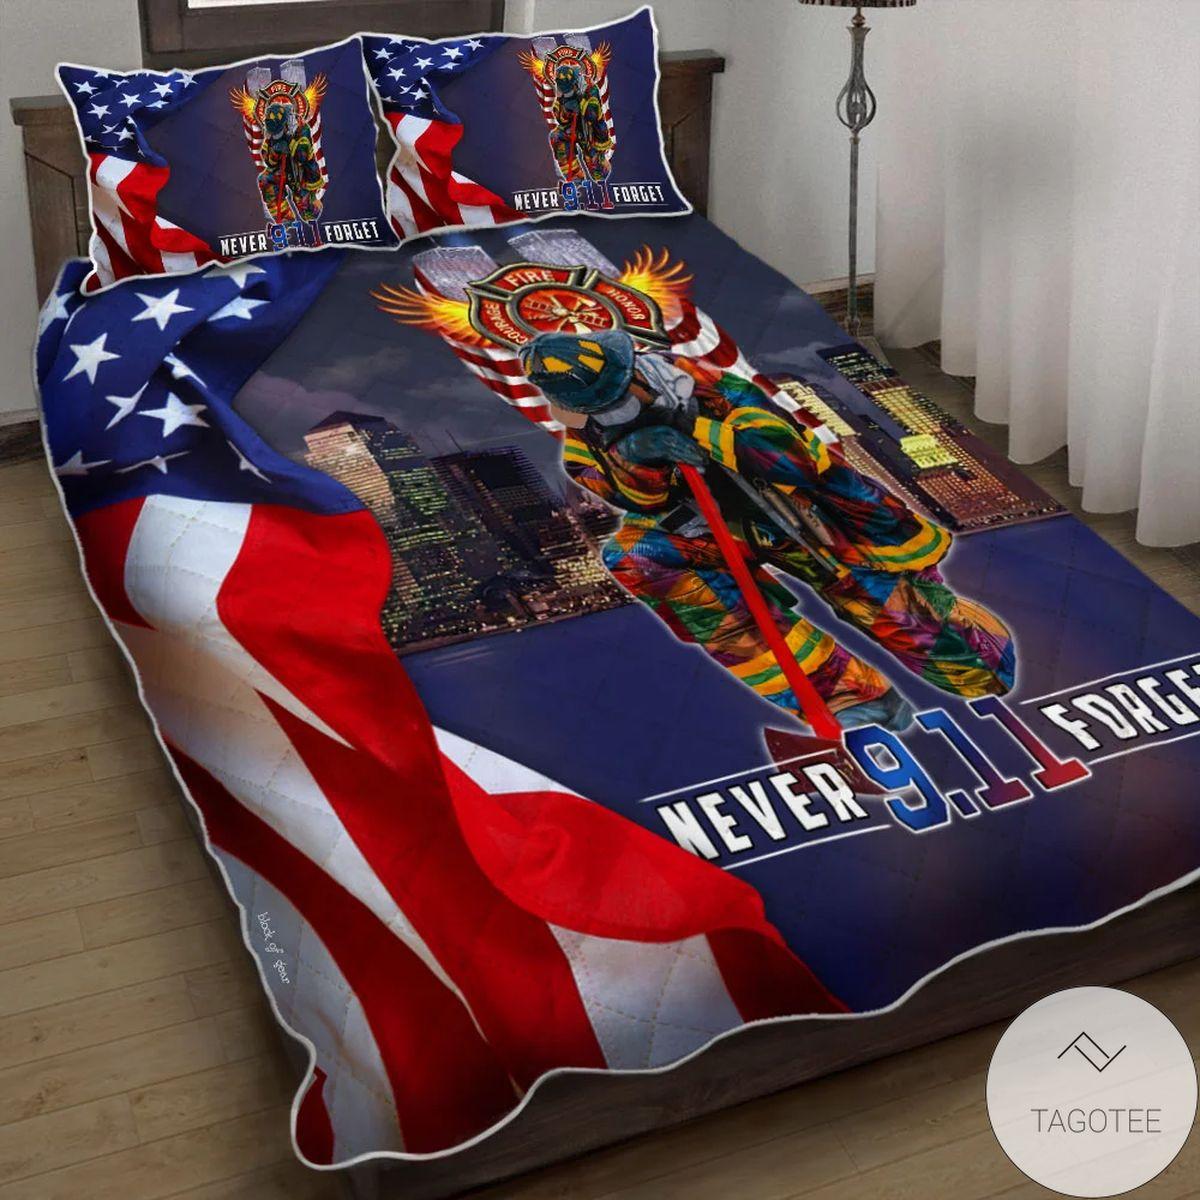 Never Forget September 9.11 Quilt Bedding Set